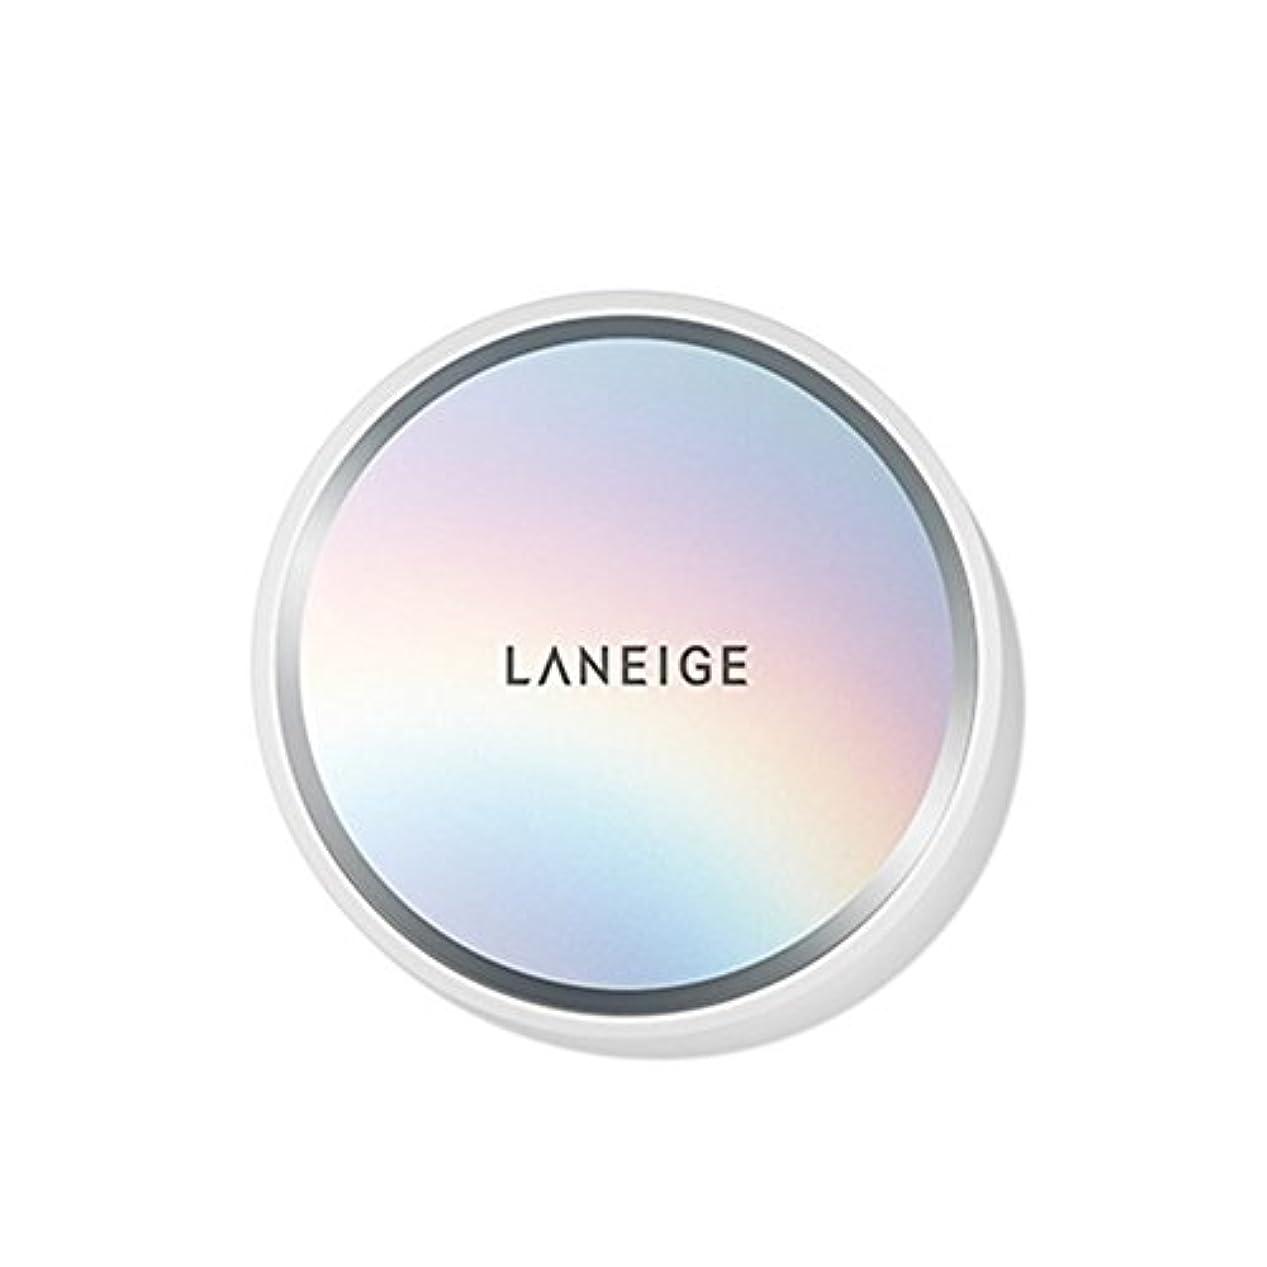 ラジウム意味する球体【ラネージュ】 LANEIGE BB Cushion Whitening BBクッションのホワイトニング 【韓国直送品】 OOPSPANDA (1.No. 11 poseulrin)